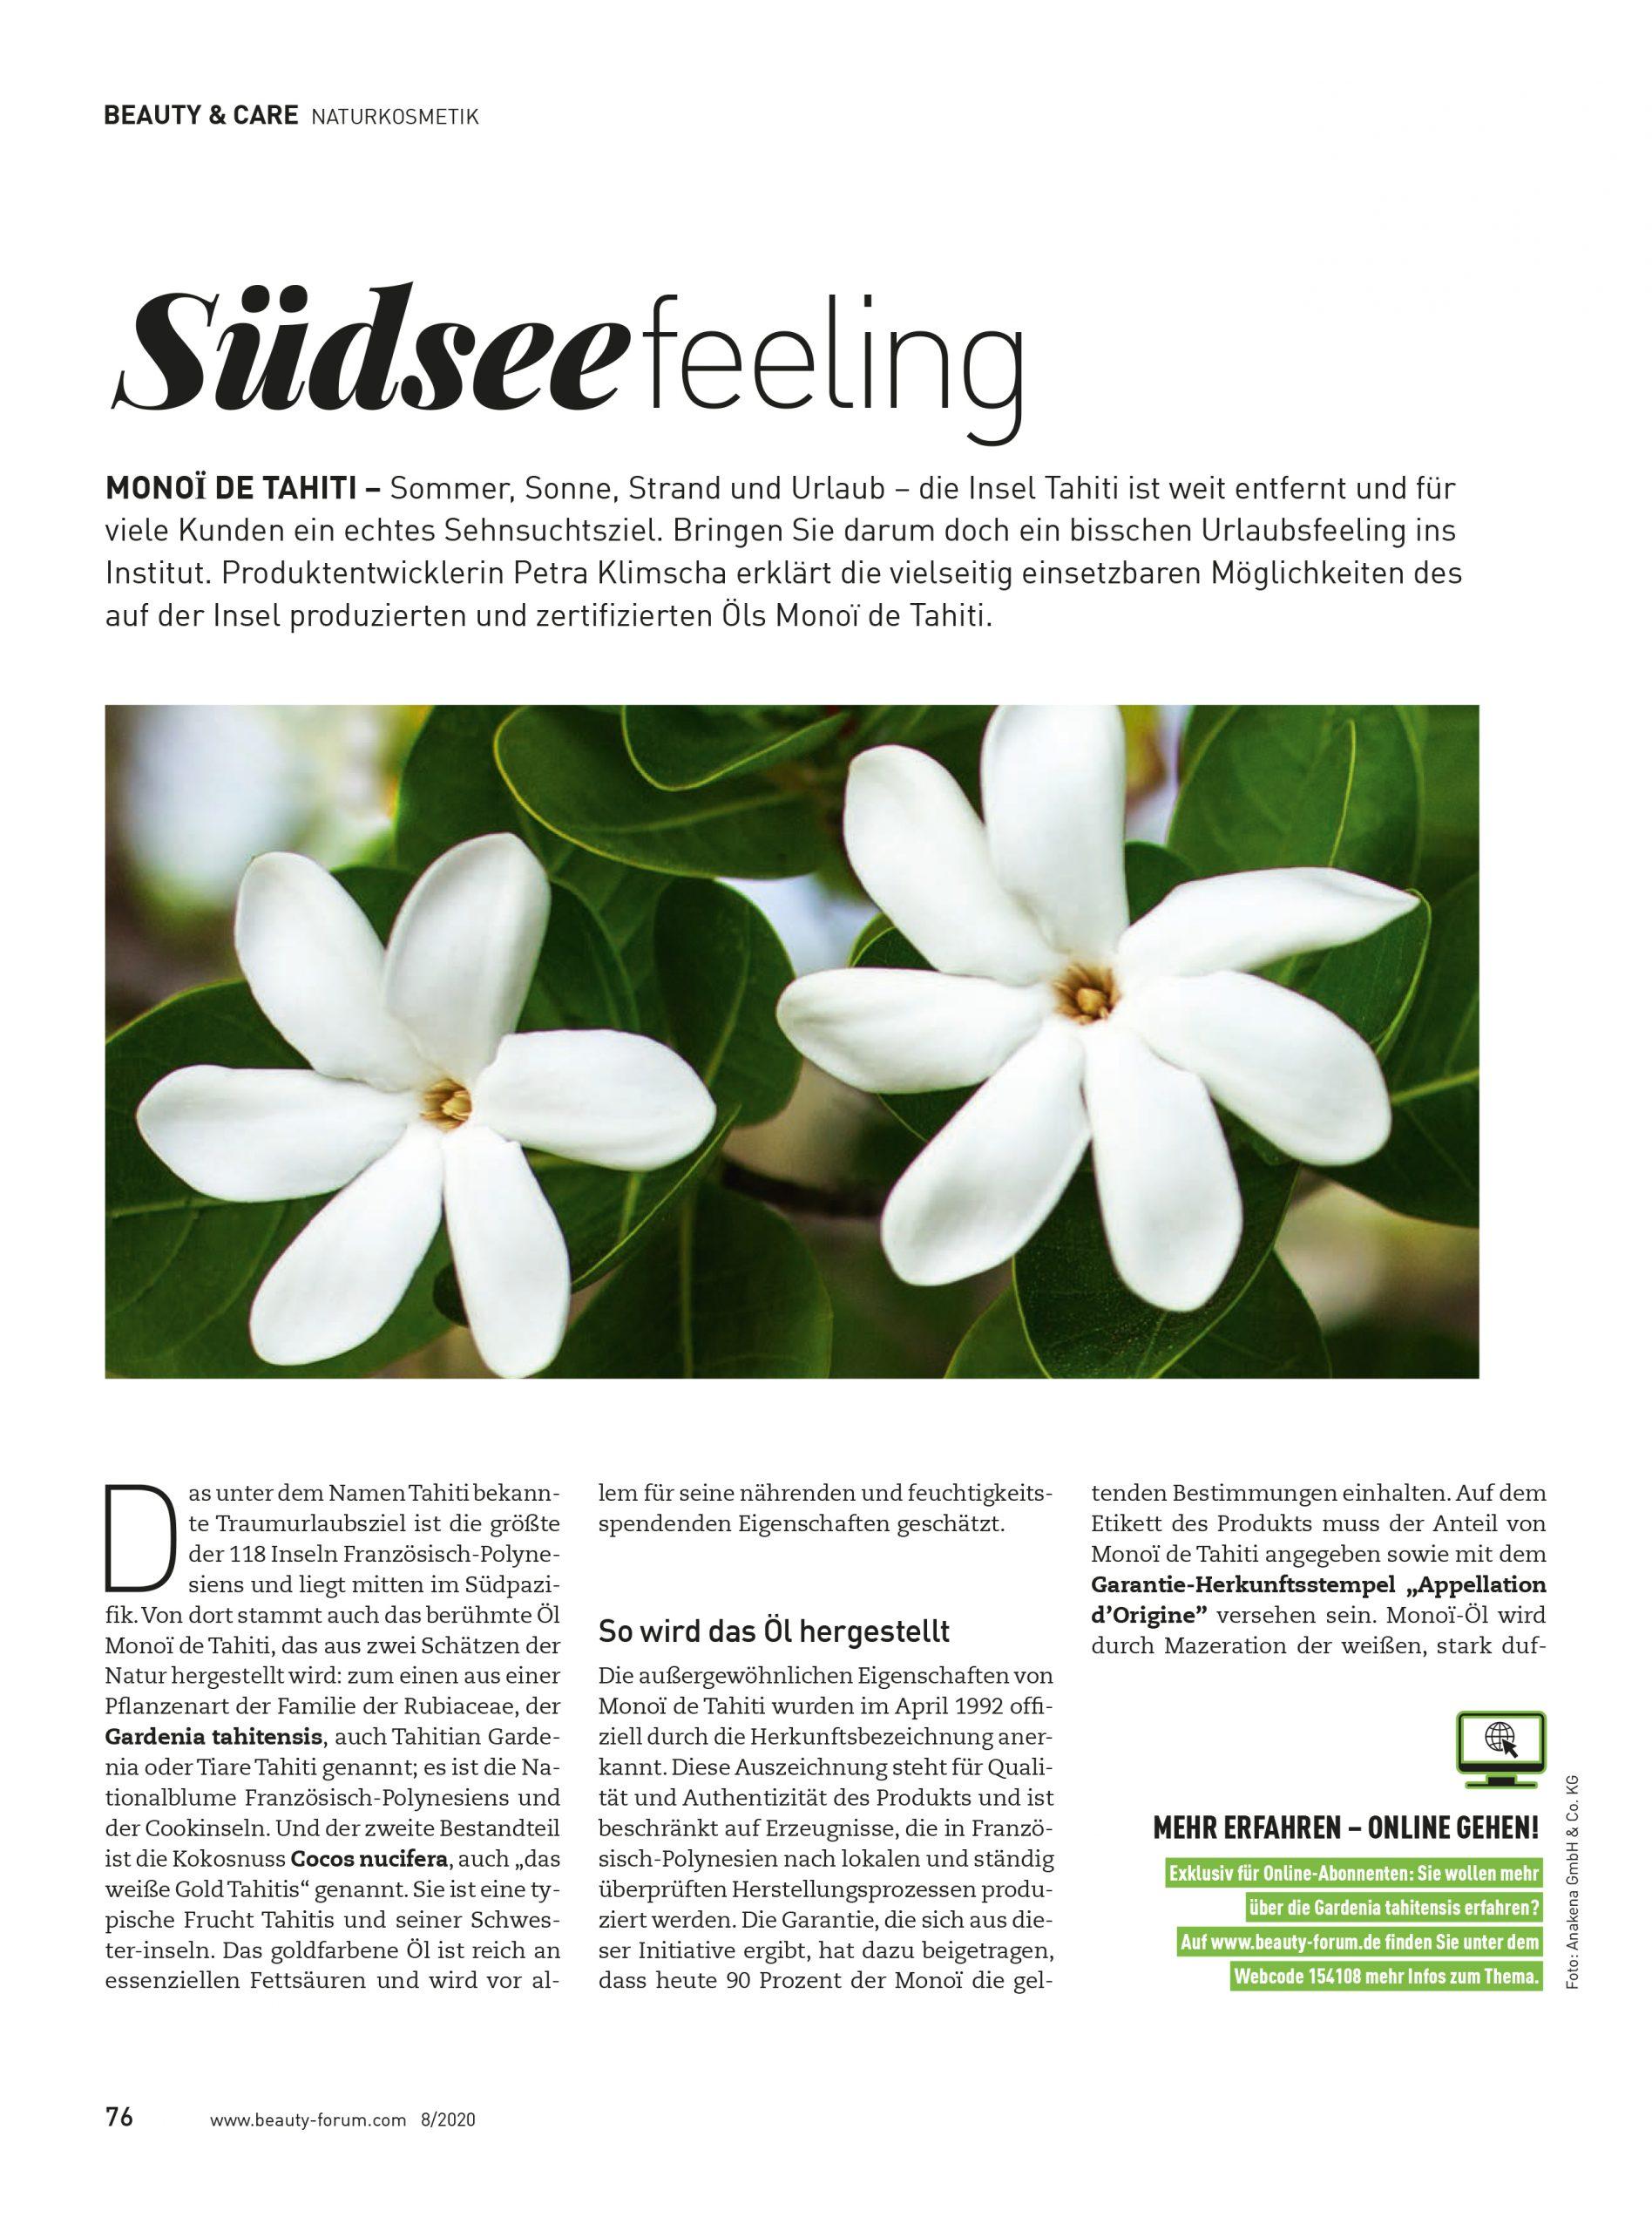 Monoi de Tahiti_Artikel Seite 1